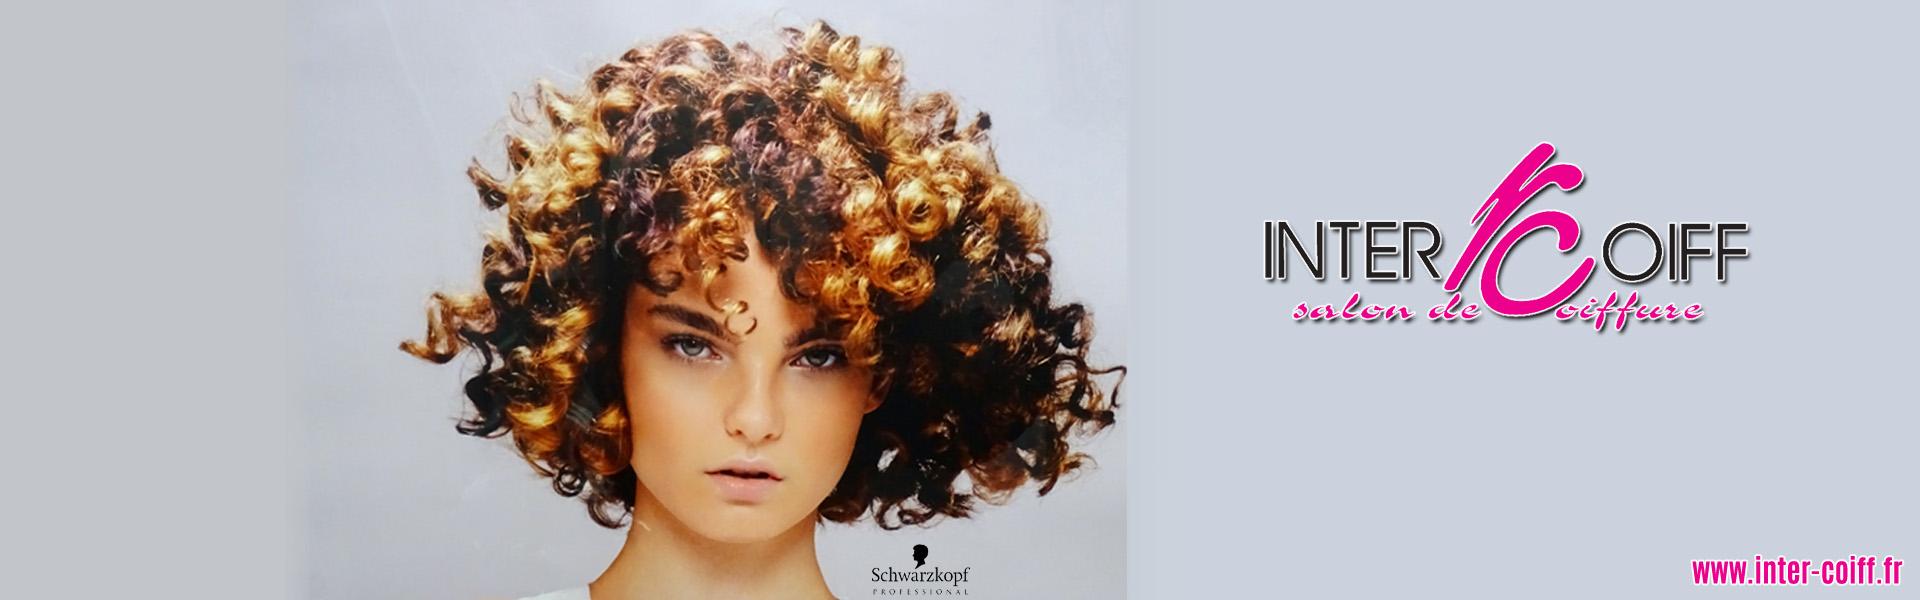 Inter 39 coiff salons de coiffure dans l 39 yonne en bourgogne - Salon de coiffure sens ...